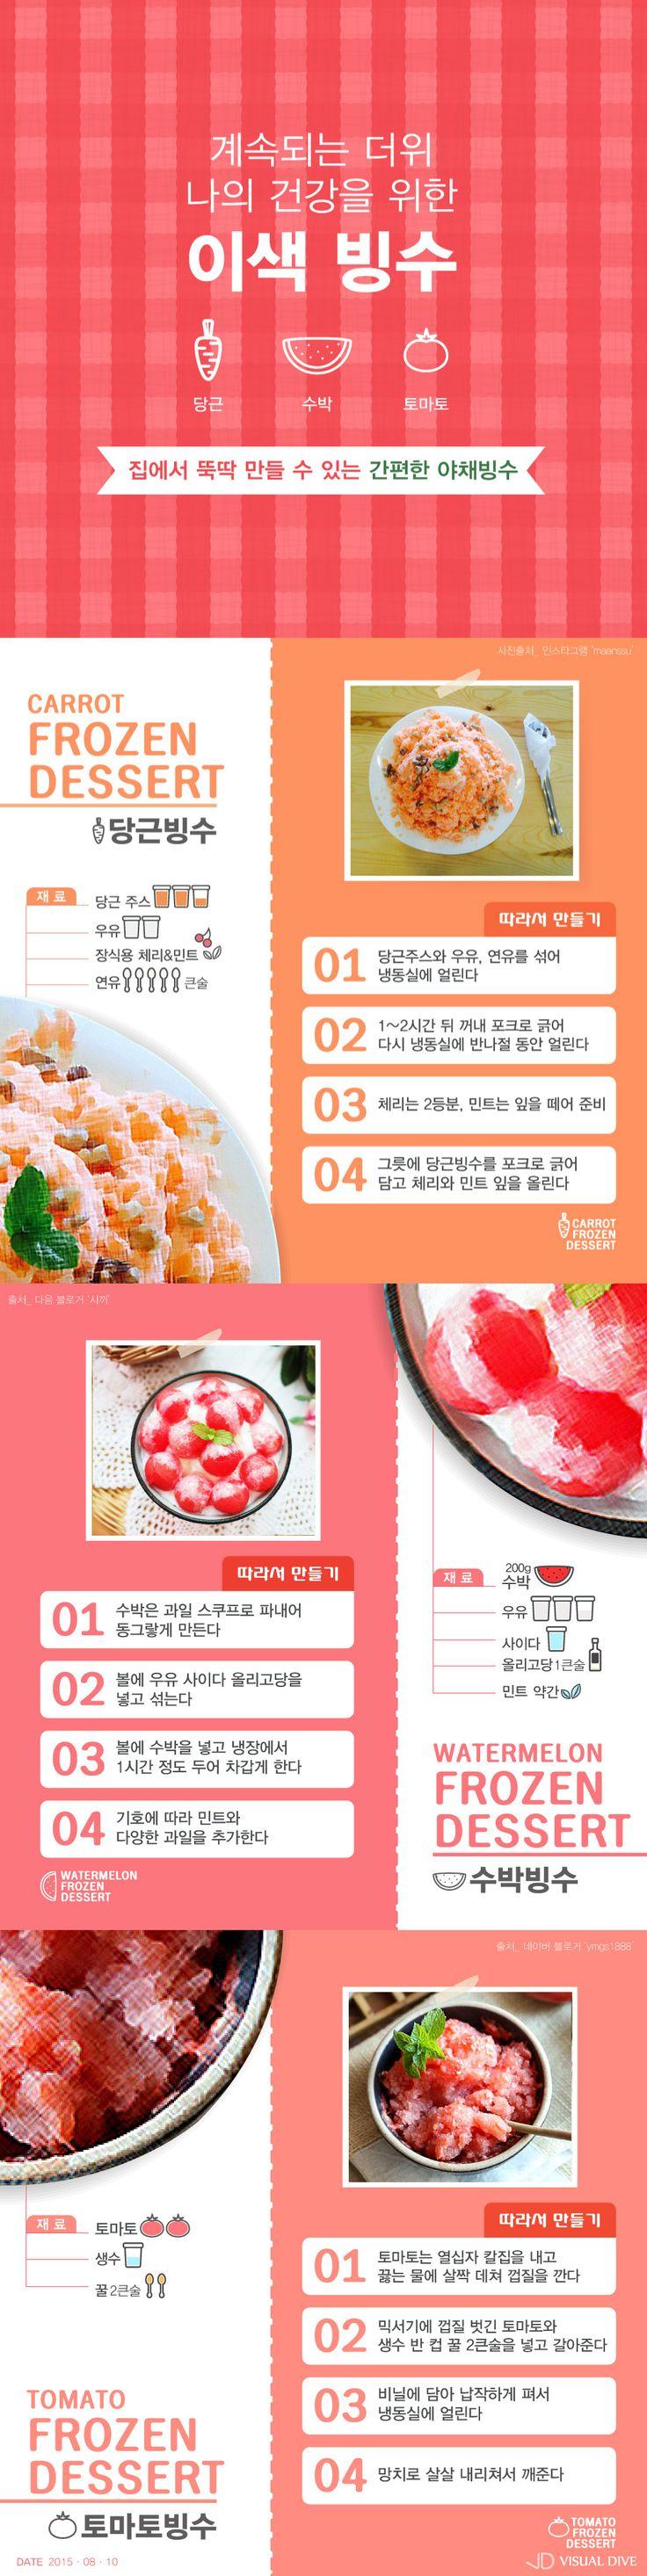 야채로 만드는 이색 빙수 레시피 [인포그래픽] #Recipe / #Infographic ⓒ 비주얼다이브 무단 복사·전재·재배포 금지